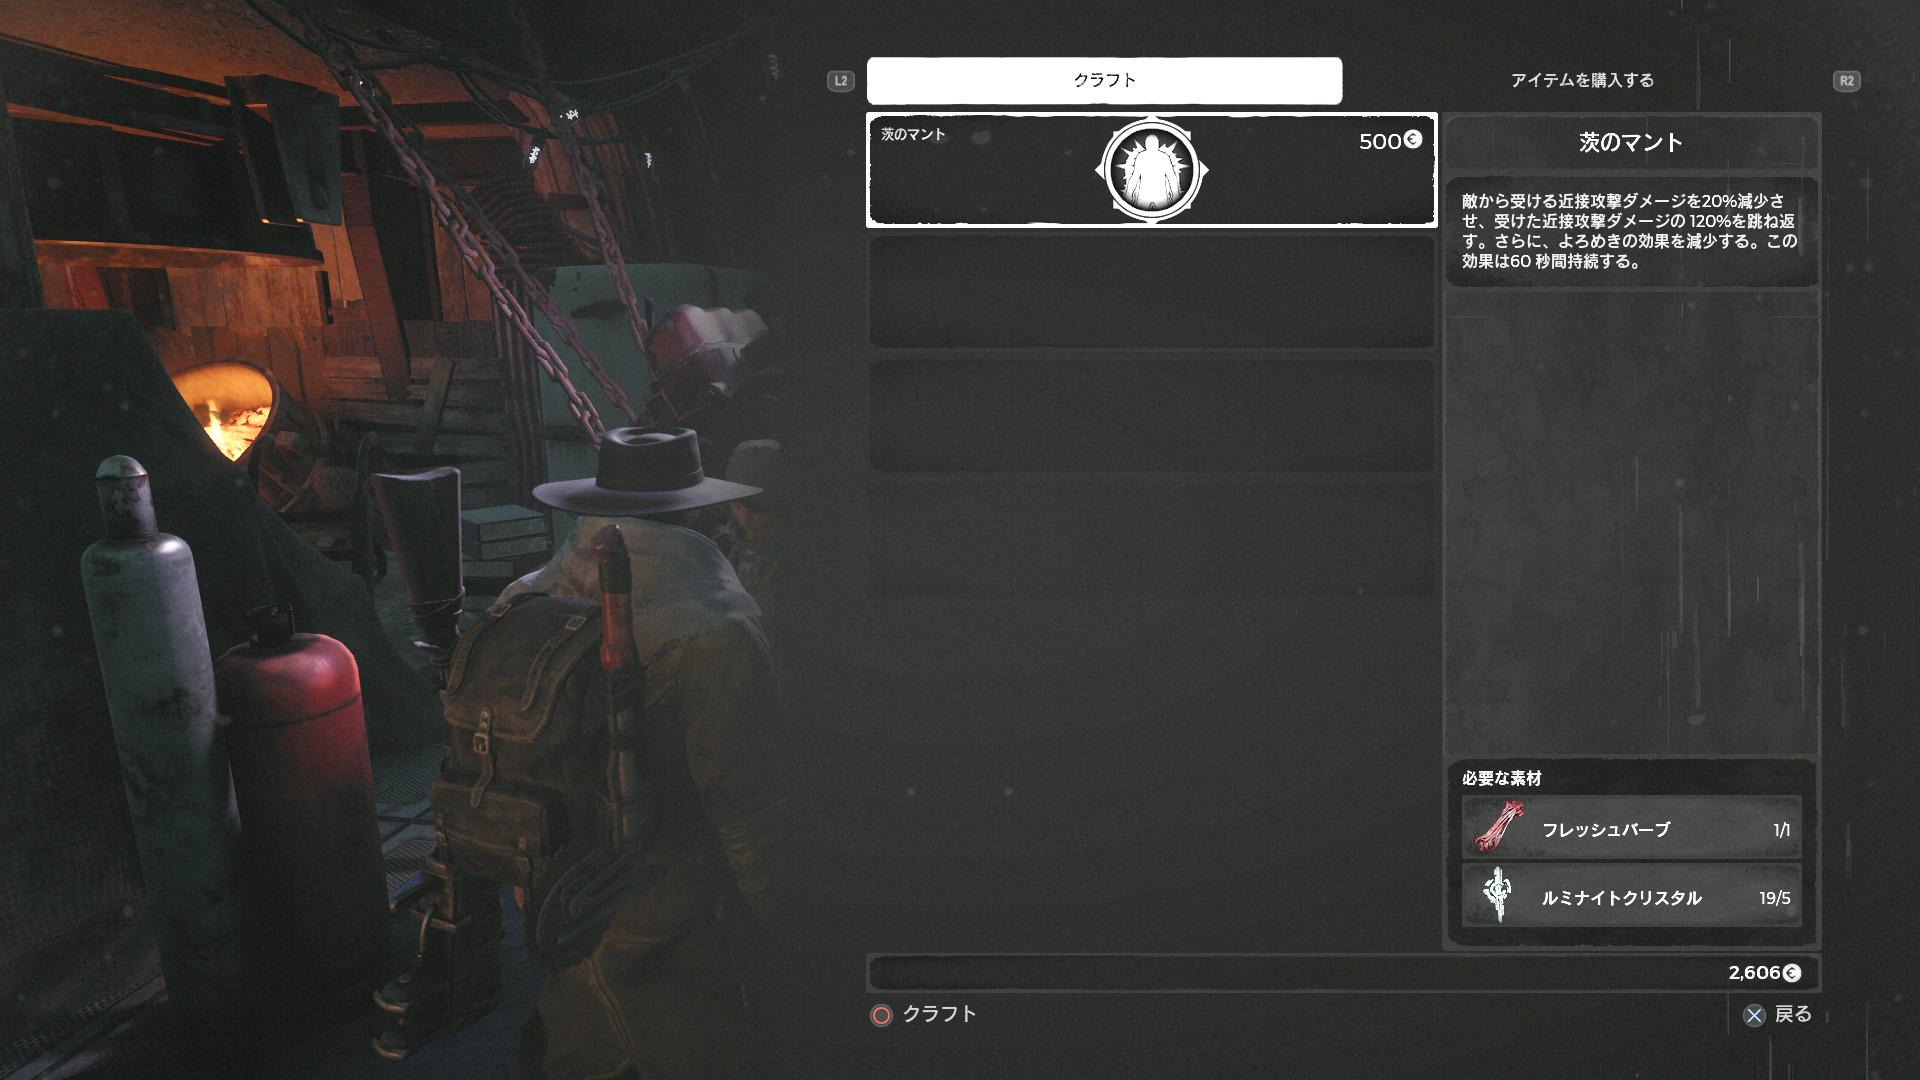 武器のパワーアップや武器MODのクラフトなどは、素材やスクラップを拠点に持ち帰ることで行なえる